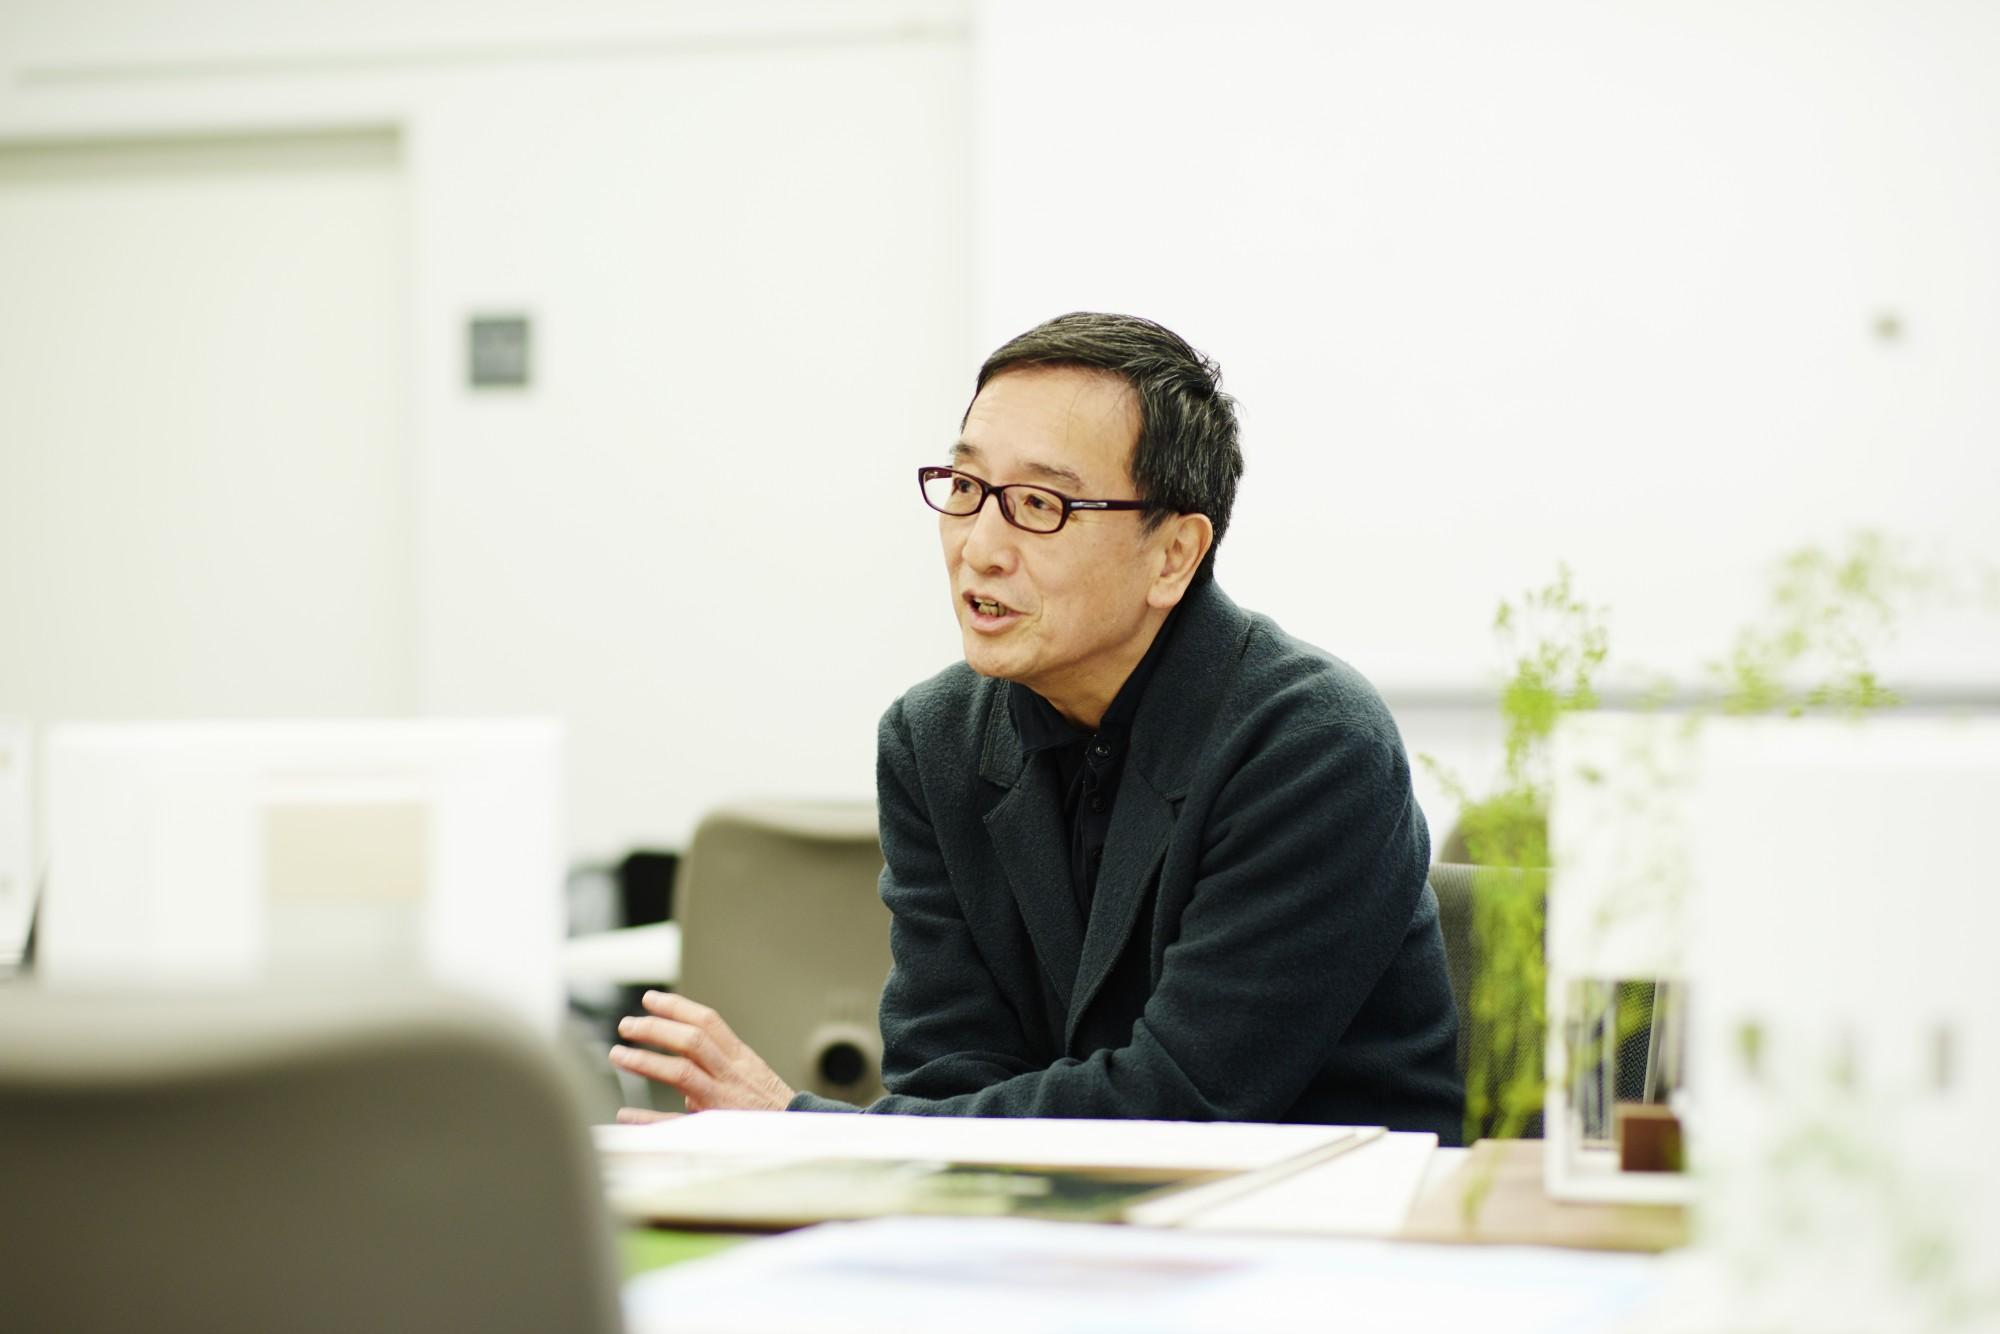 Photographs: Hiroshi Aoki